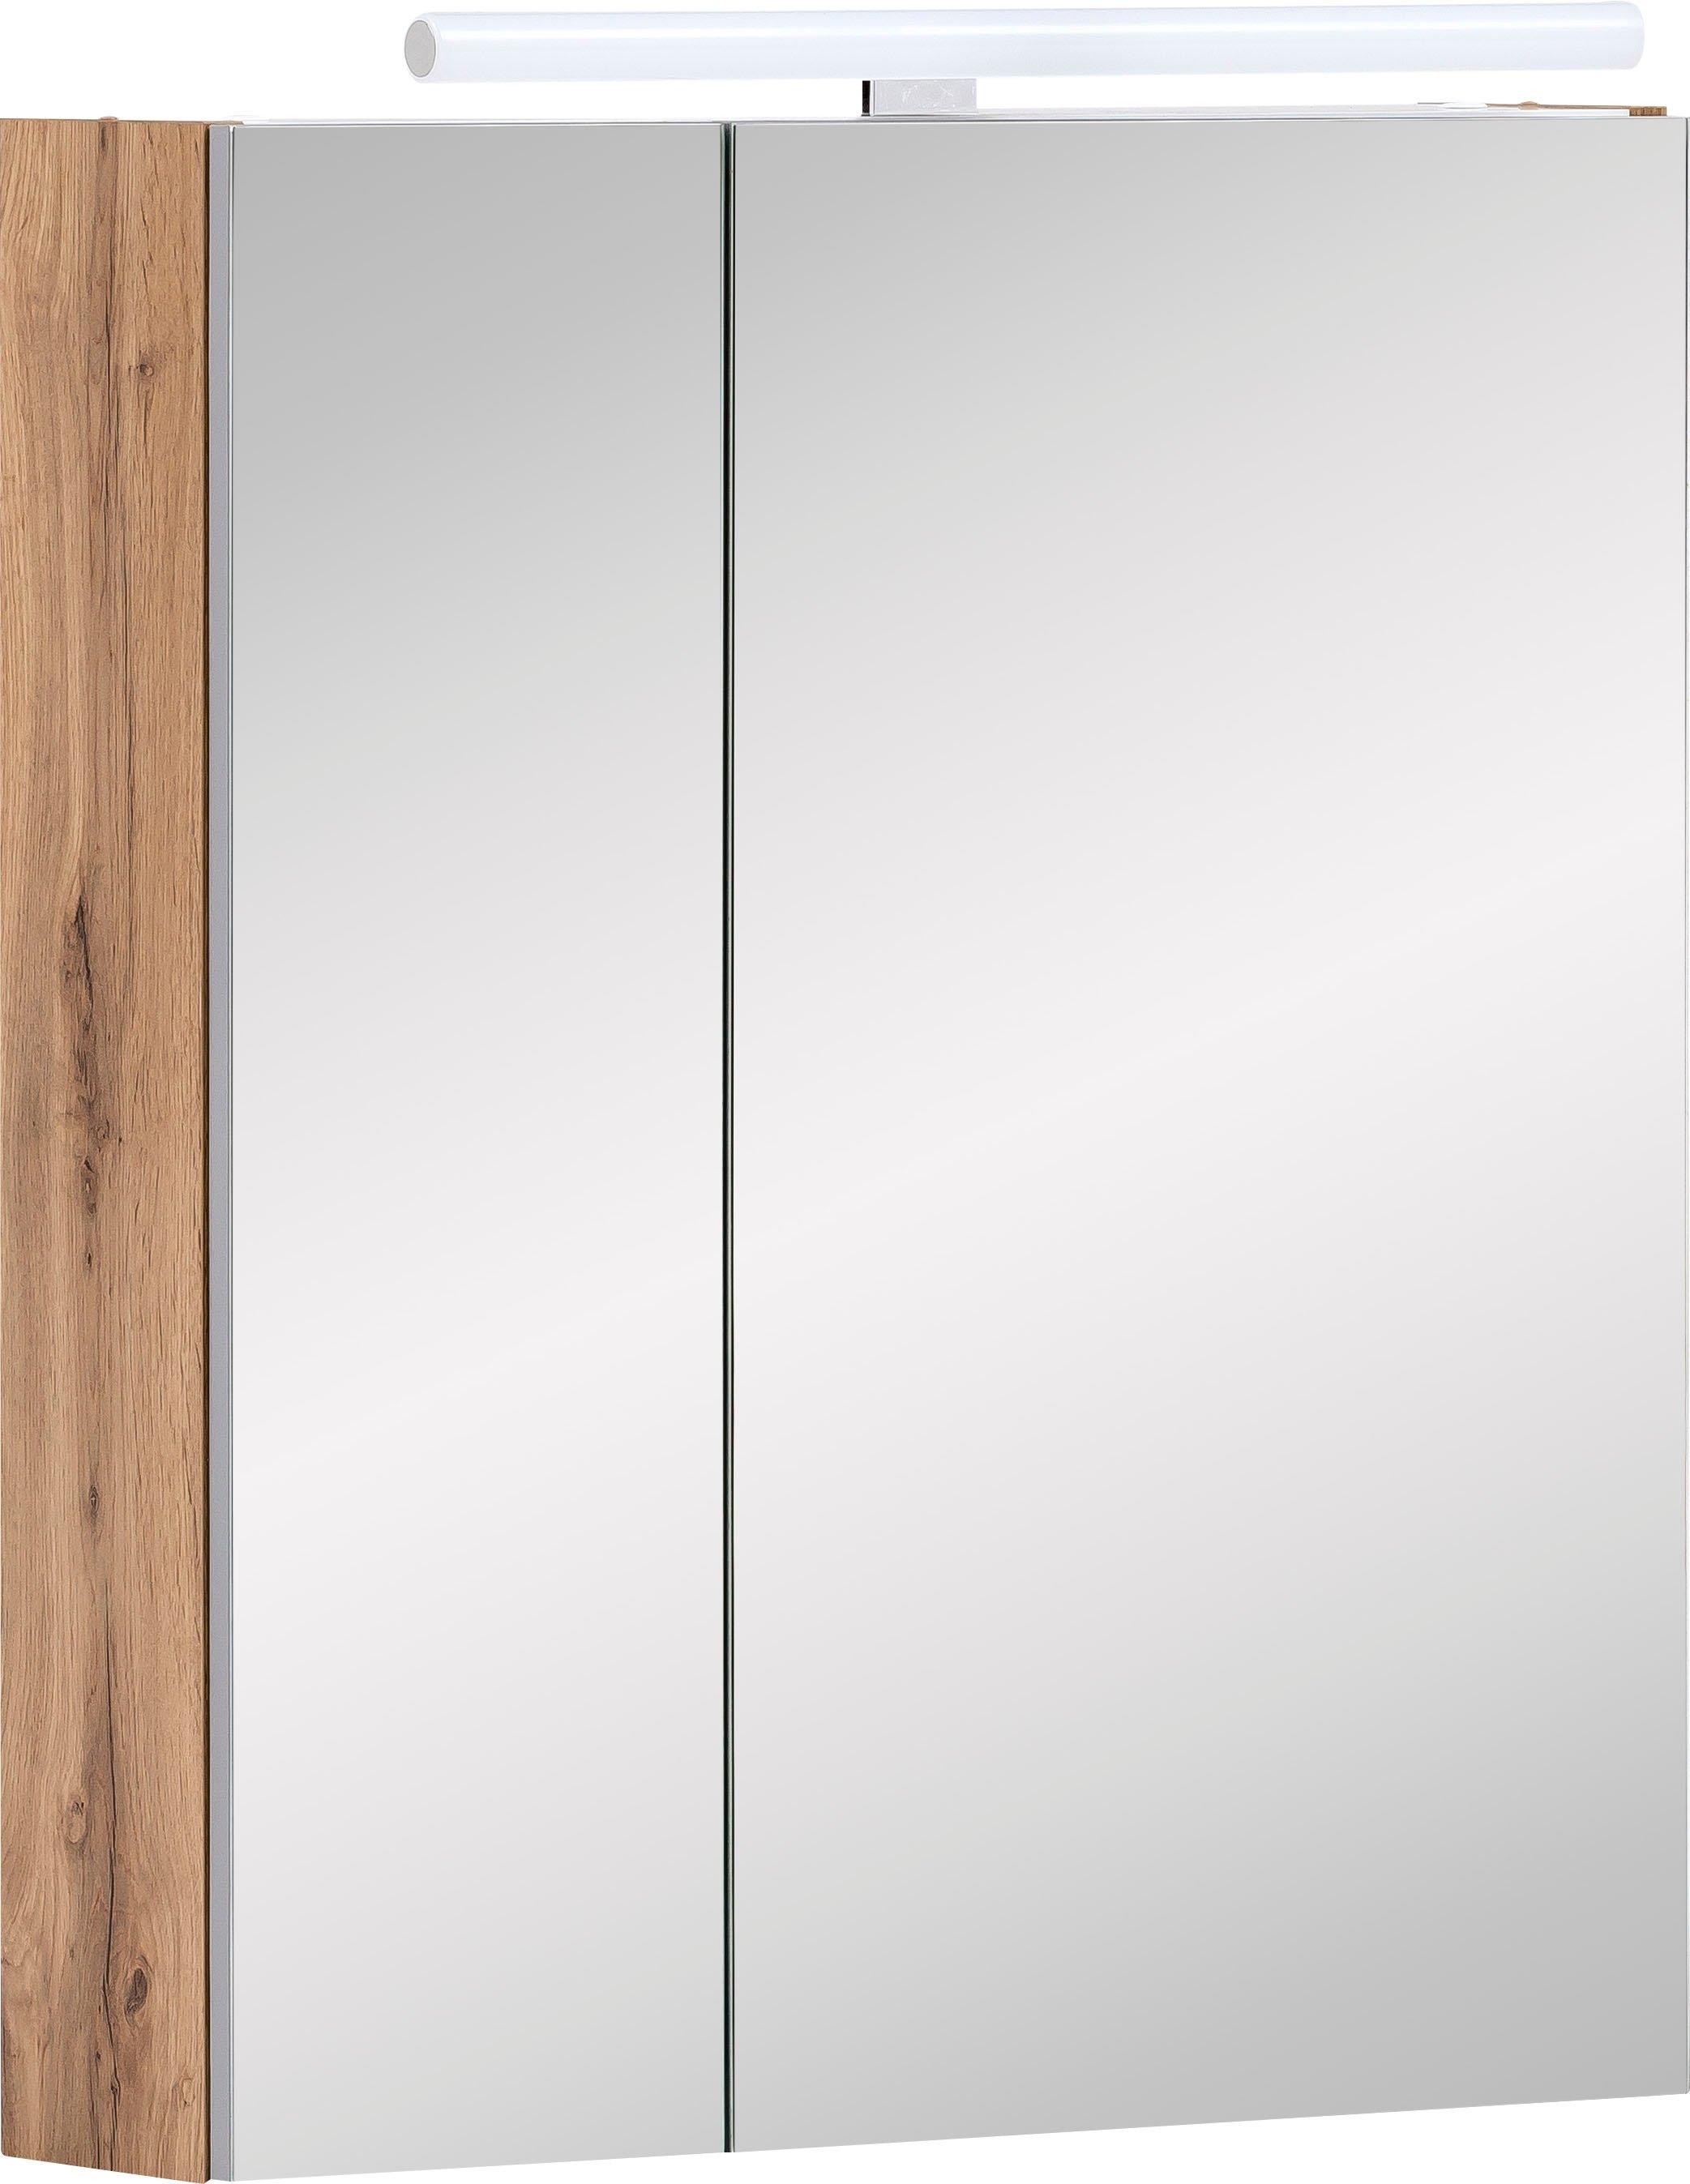 Schildmeyer spiegelkast Duo Breedte 60 cm, 2-deurs, ledverlichting, schakelaar-/stekkerdoos, glasplateaus, soft-closetechniek, Made in Germany voordelig en veilig online kopen